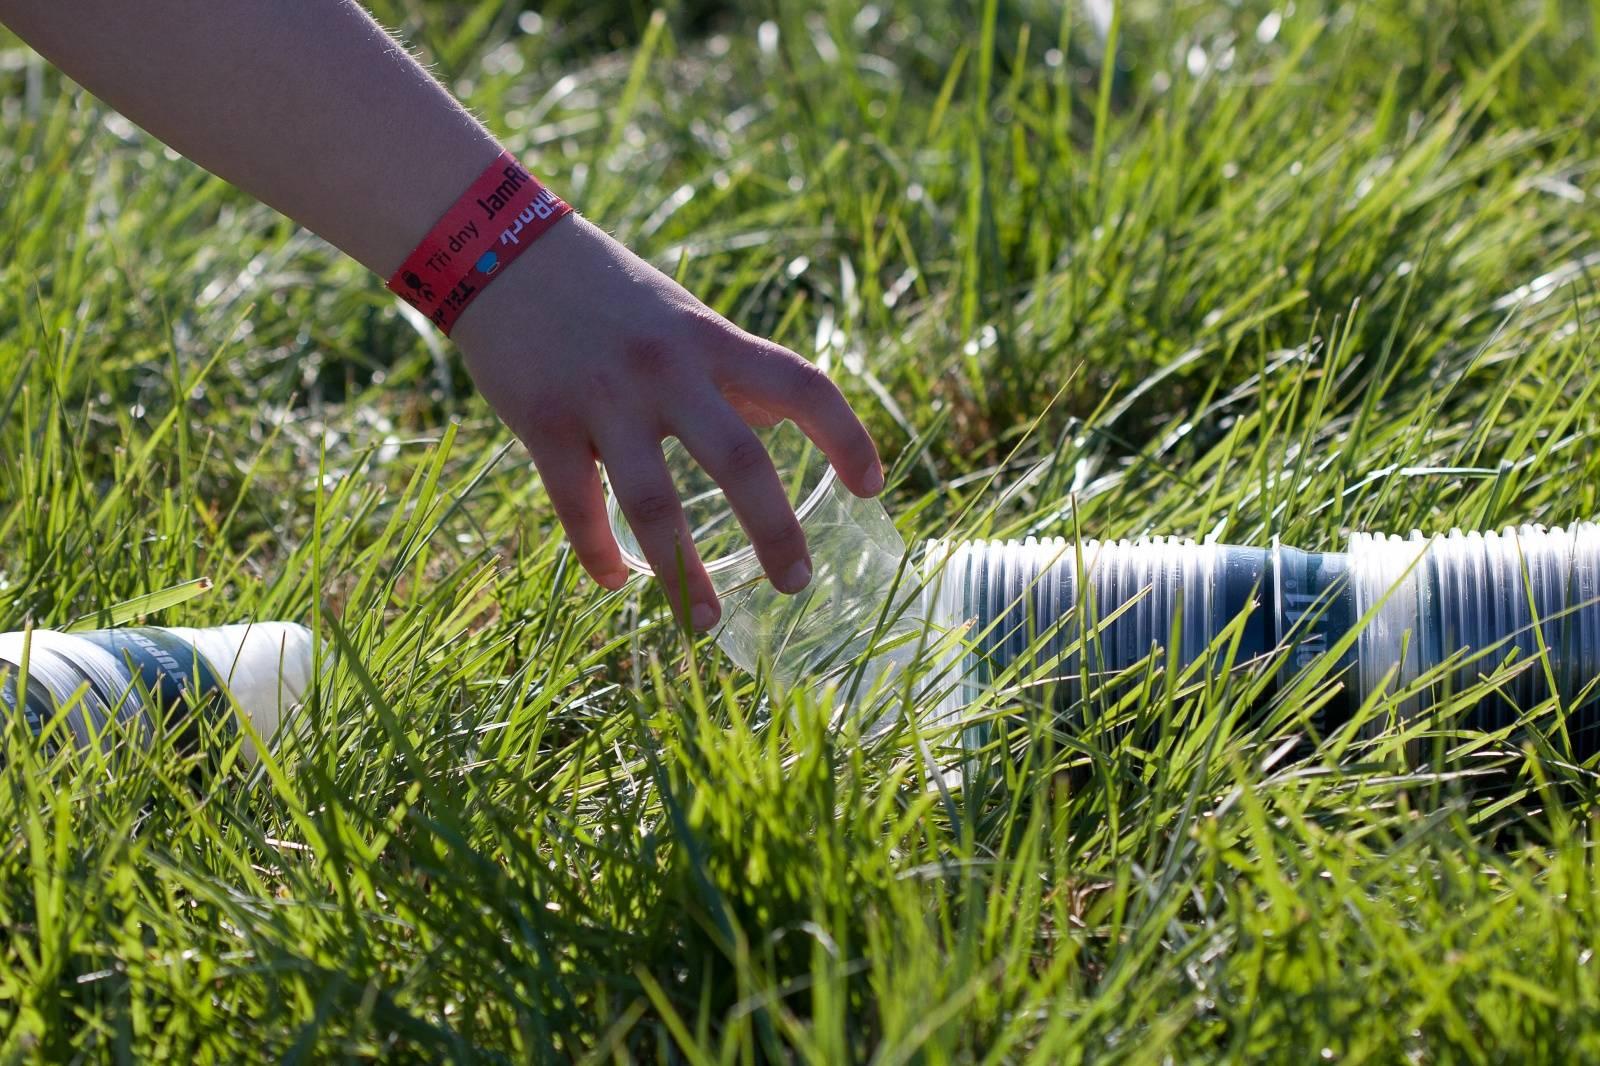 Recyklované mluvící kelímky lákají na čisté festivaly